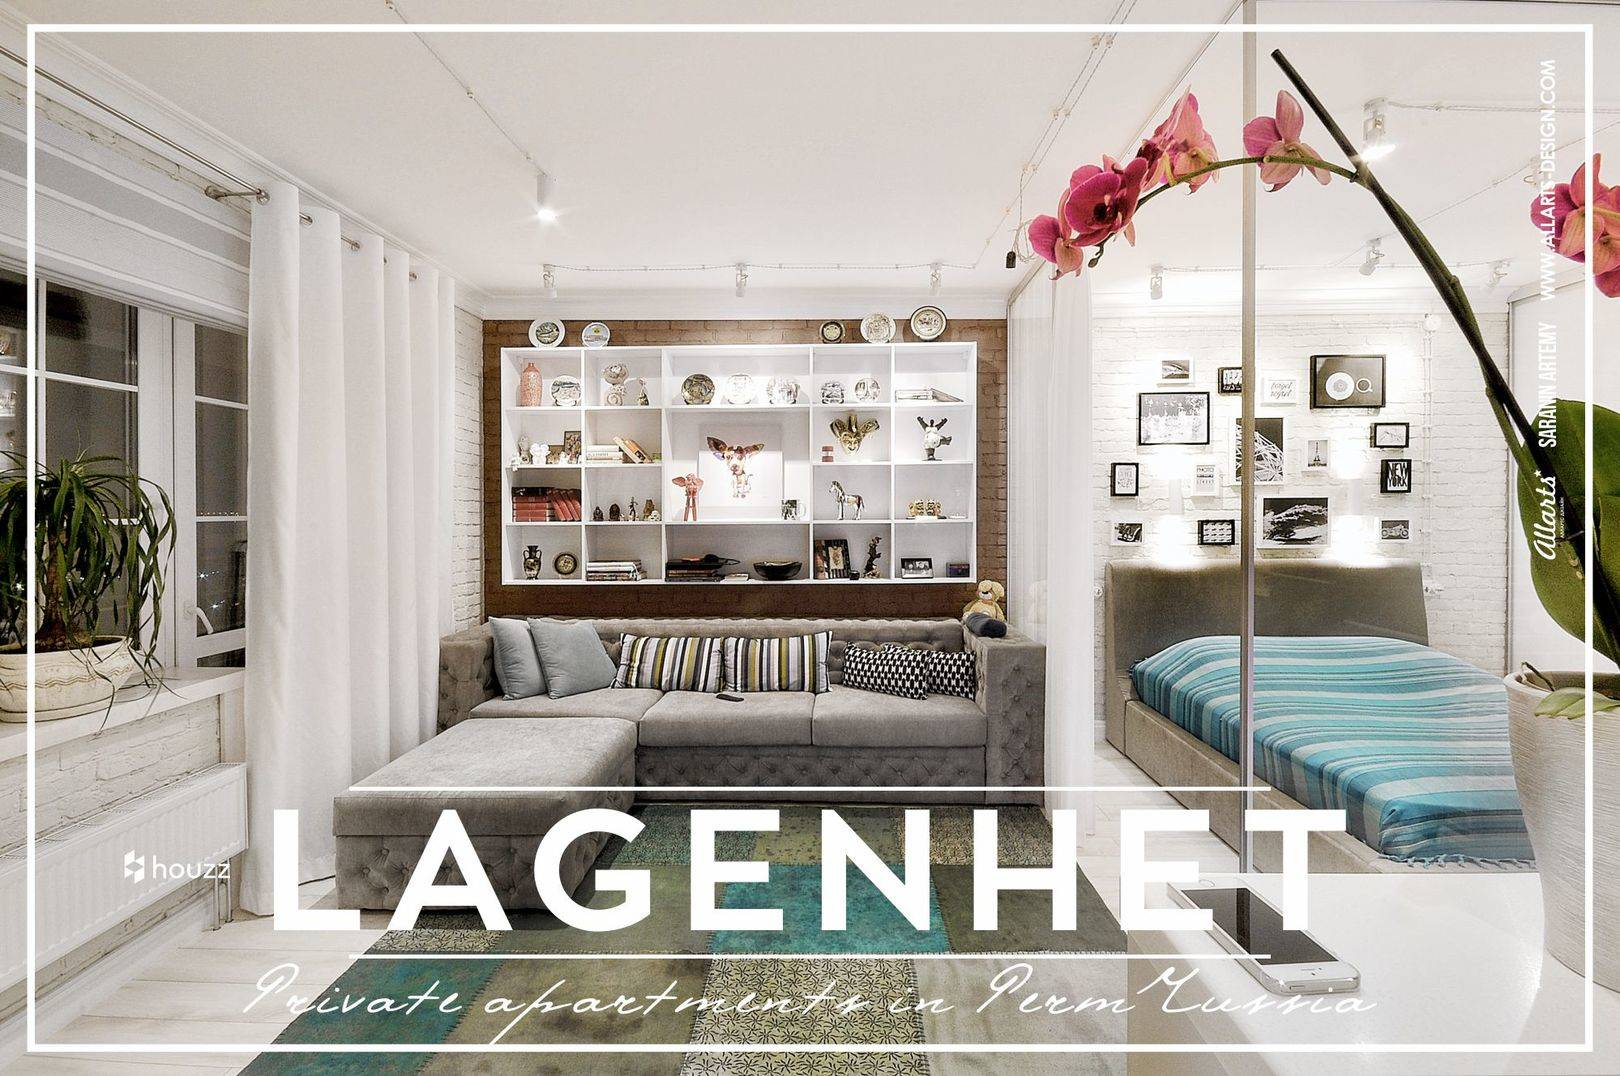 Дизайн интерьера апартаменты lagenhet